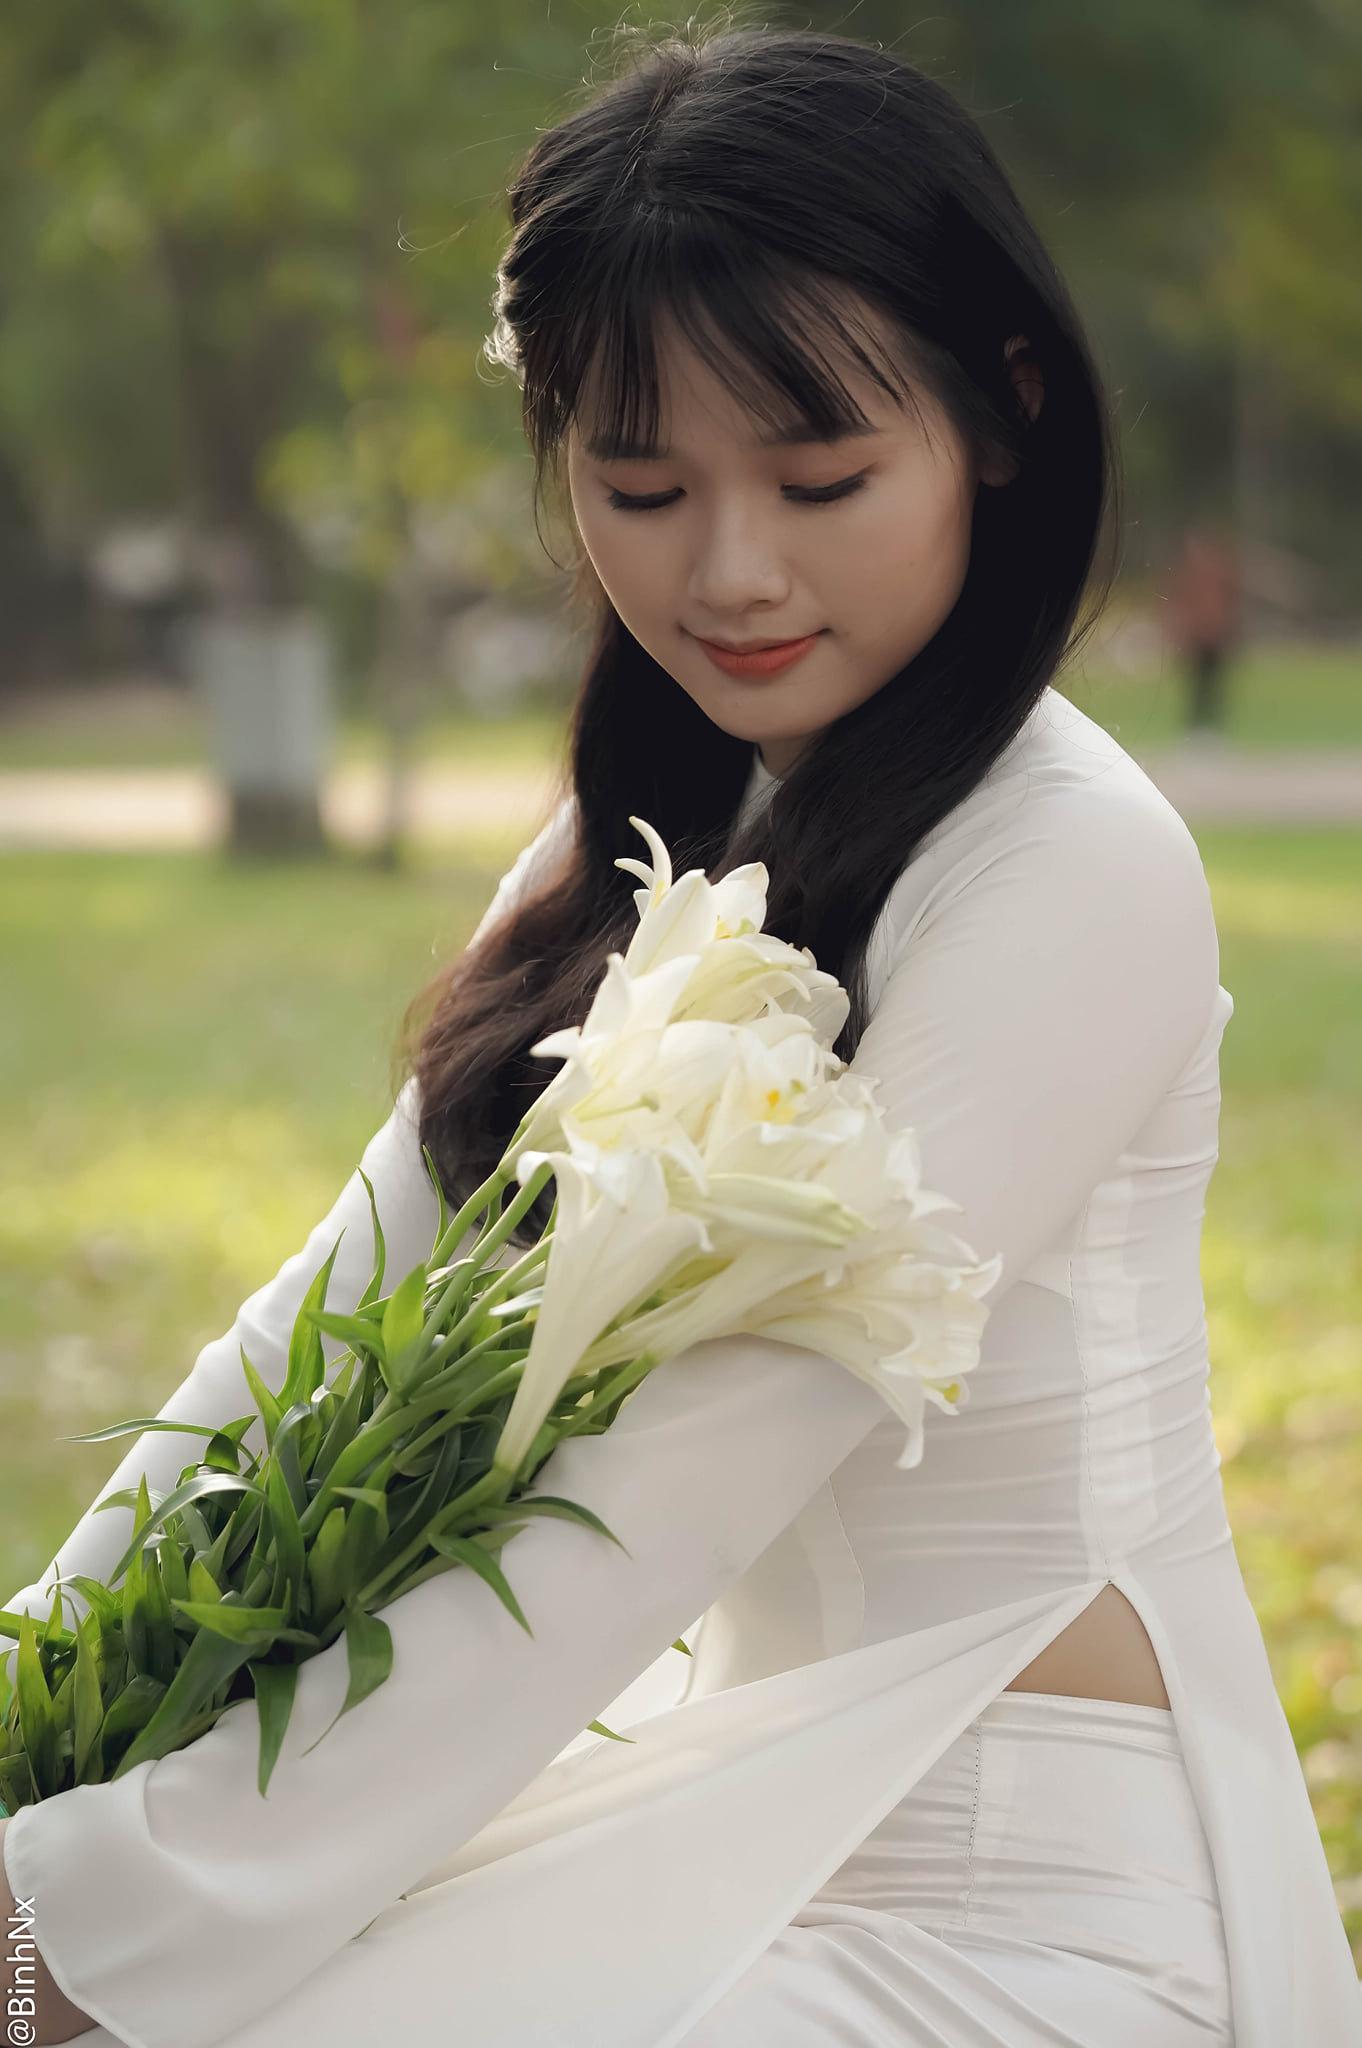 Tuyển tập girl xinh gái đẹp Việt Nam mặc áo dài đẹp mê hồn #57 - 15